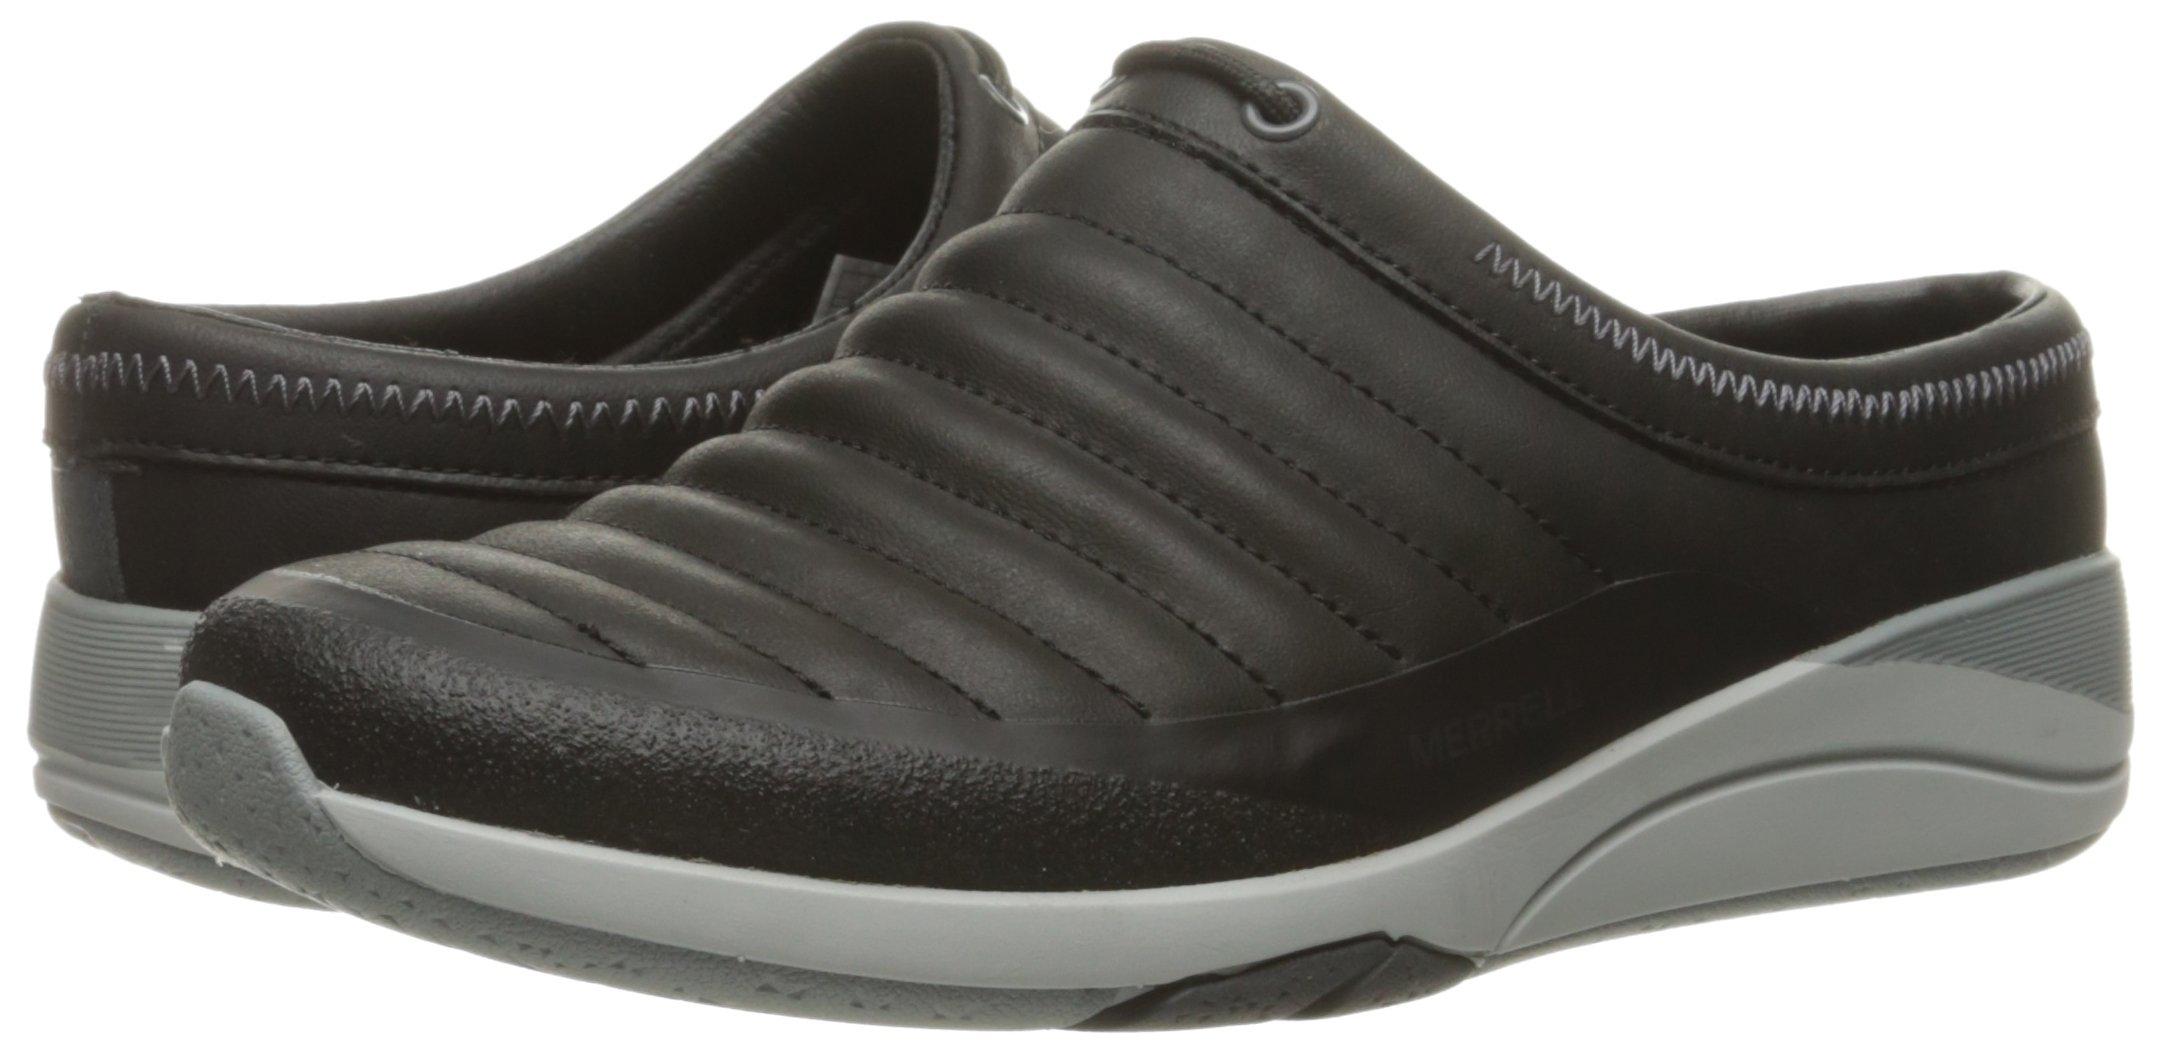 Merrell Women's Applaud Slide Slip-On Shoe, Black, 9.5 M US by Merrell (Image #6)